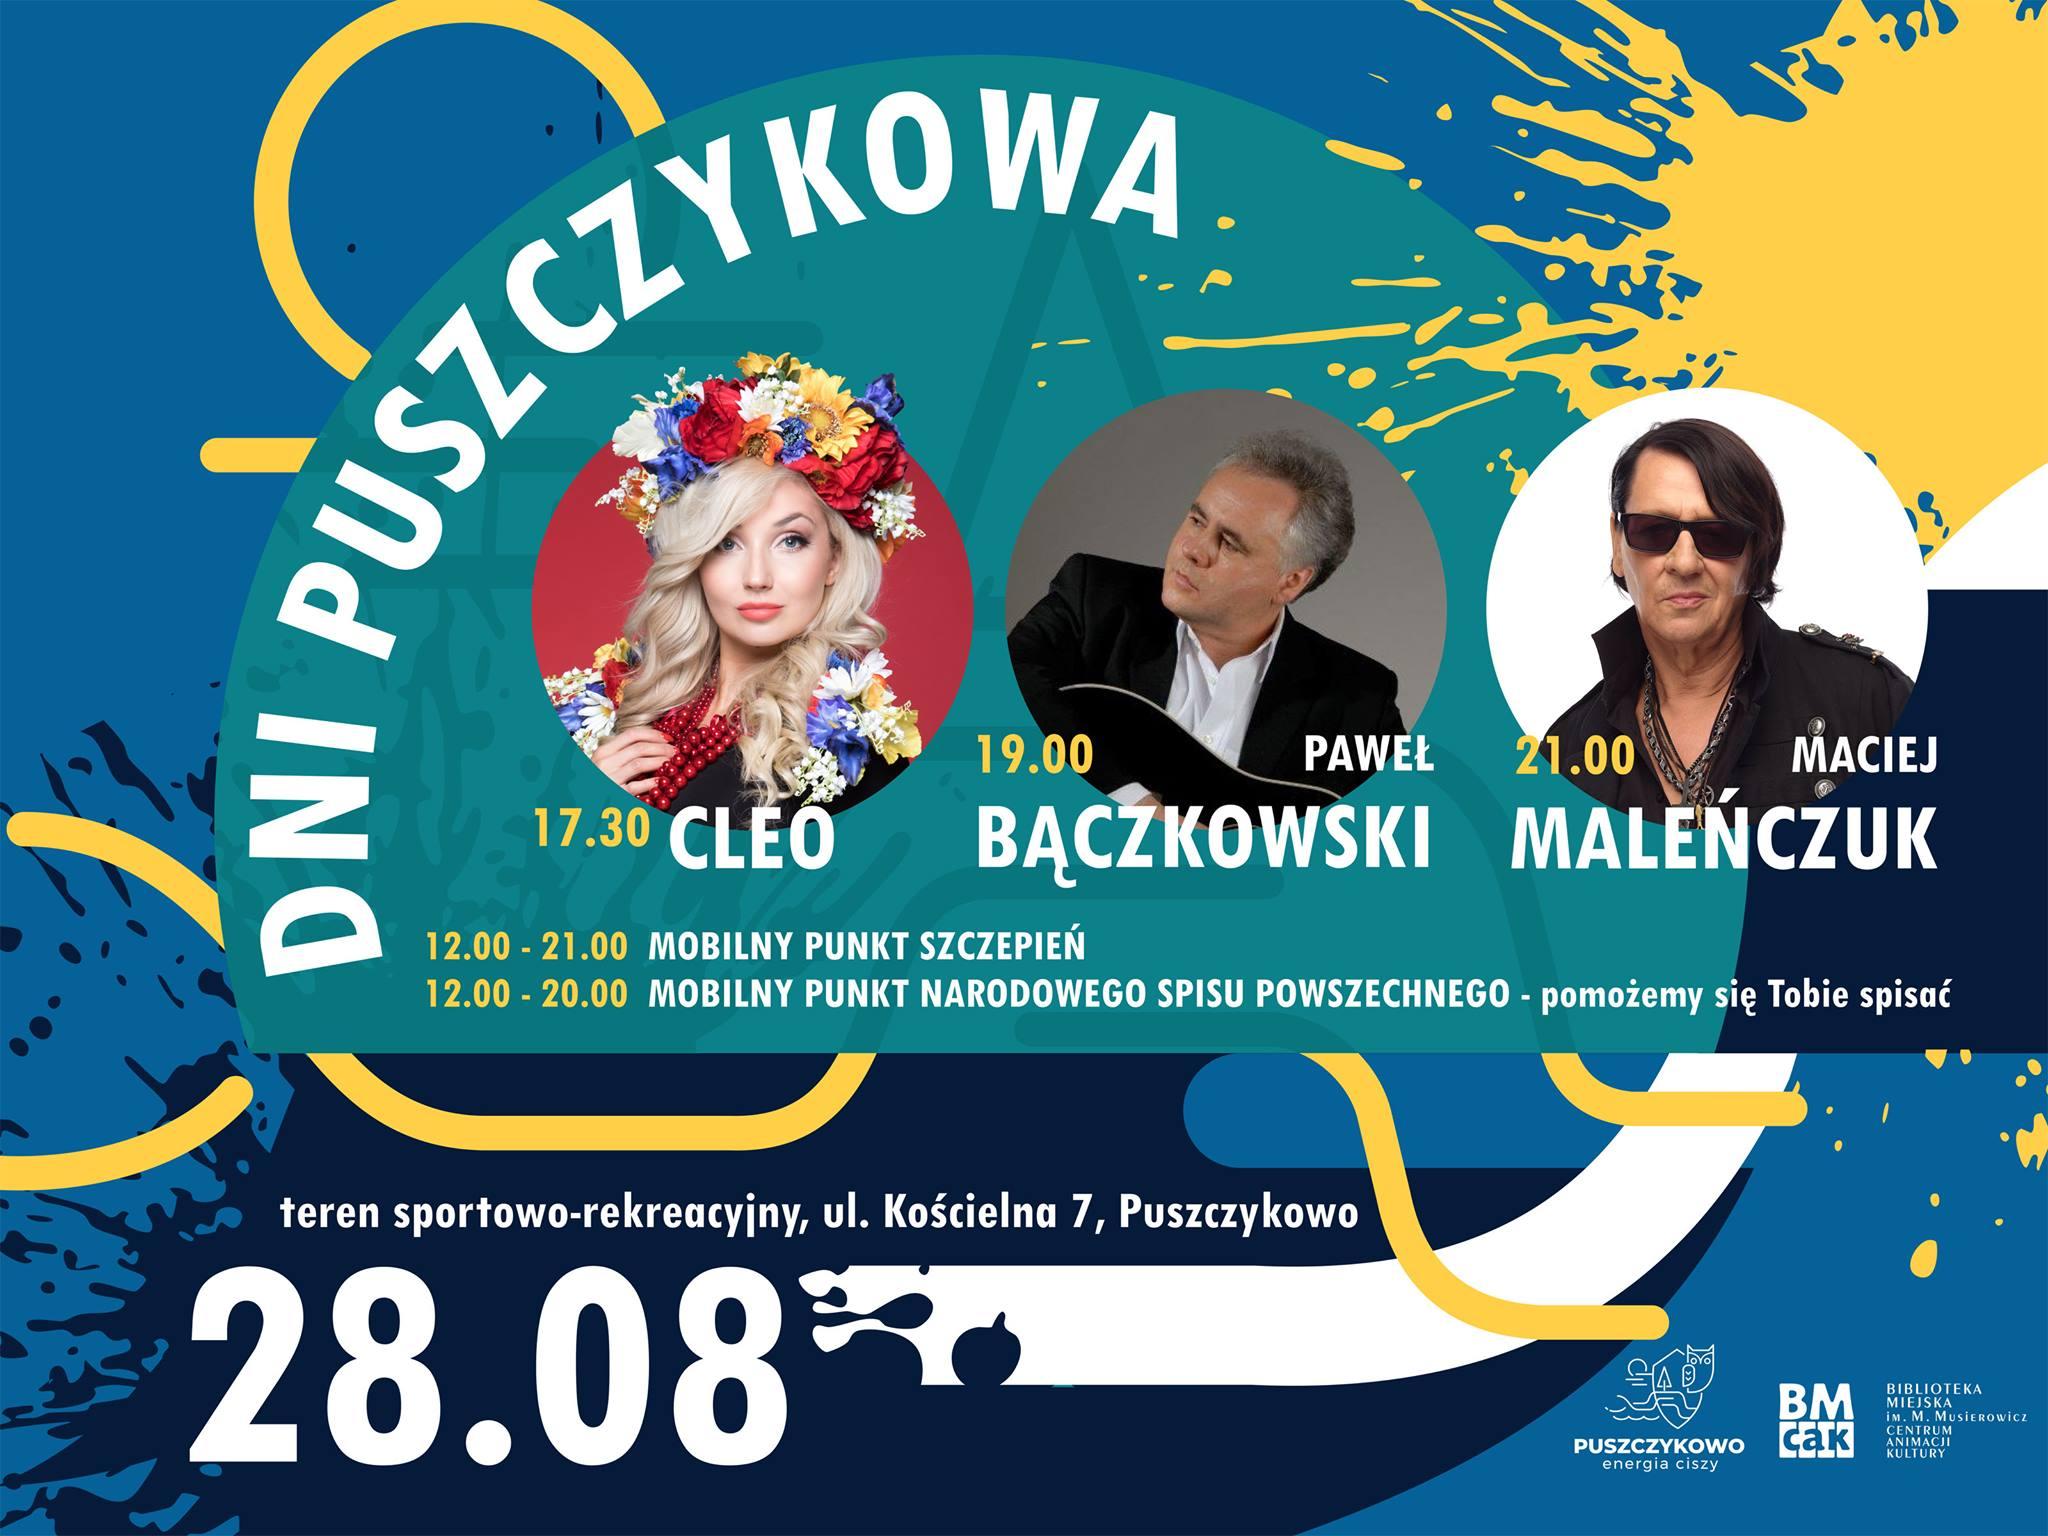 Plakat promujący Dni Puszczykowa. Na abstrakcyjnym tle znajduje się napis - dni Puszczykowa oraz fotografie występujących artystów.